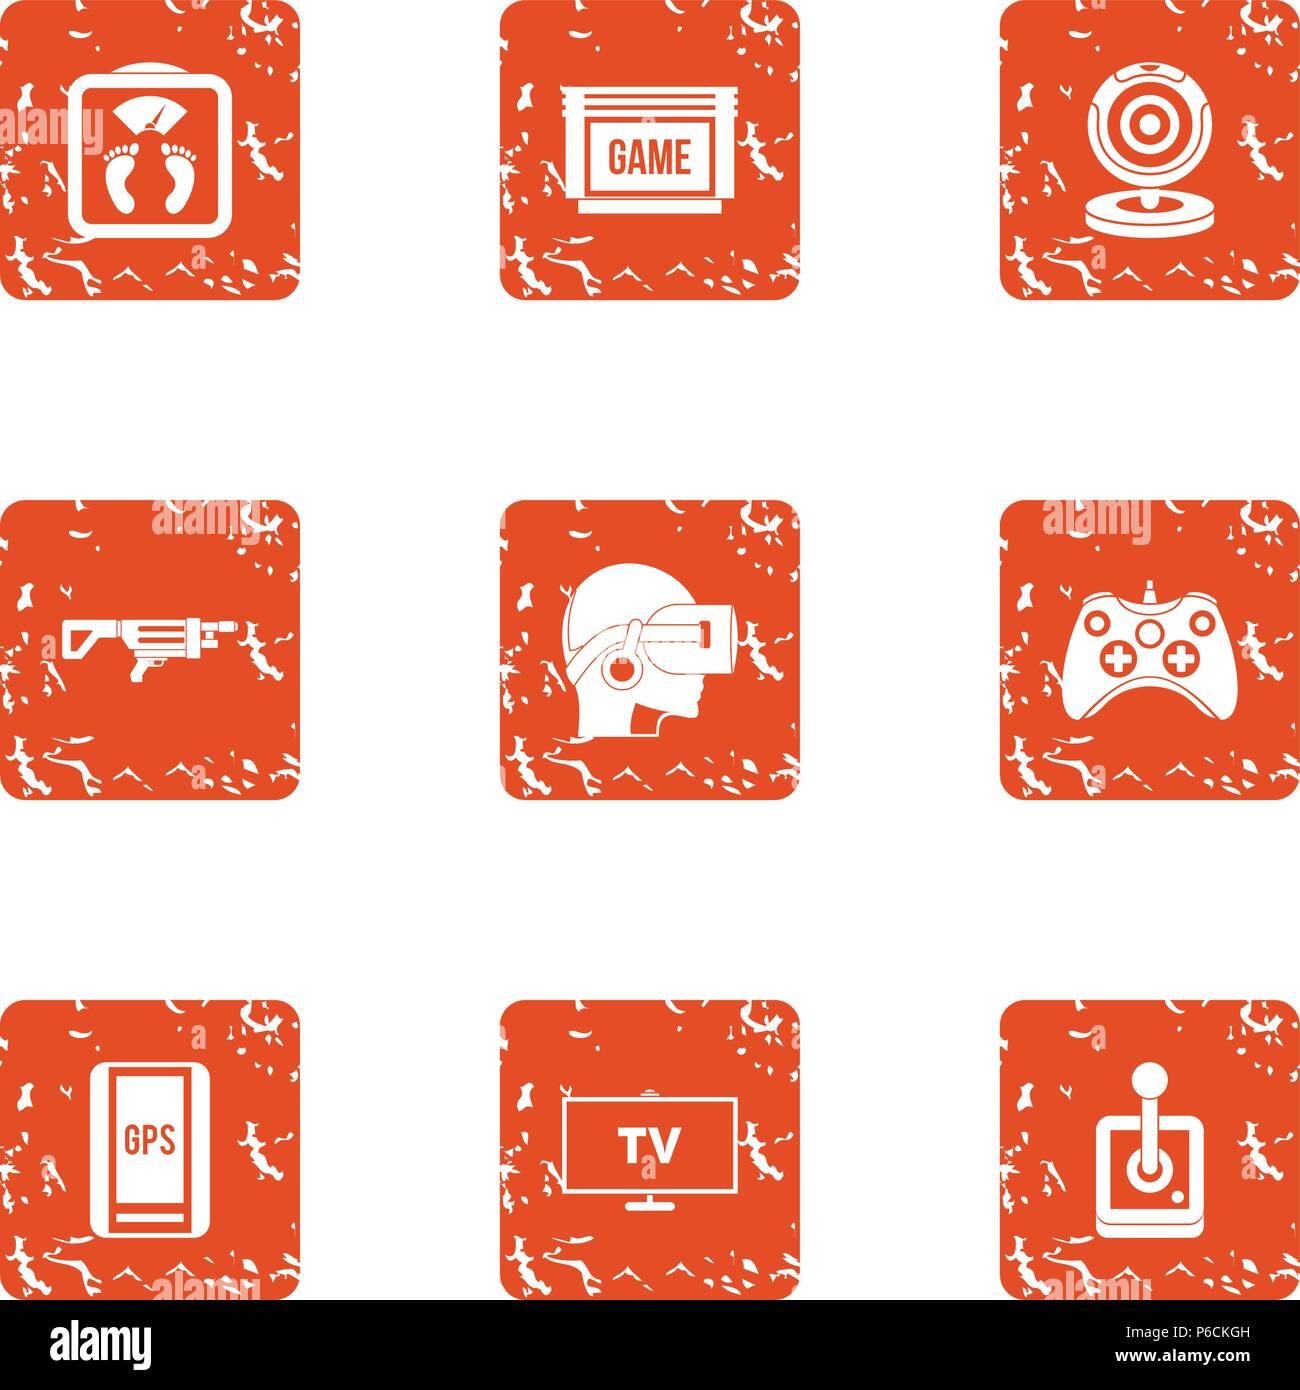 Esport player icons set, grunge style - Stock Image